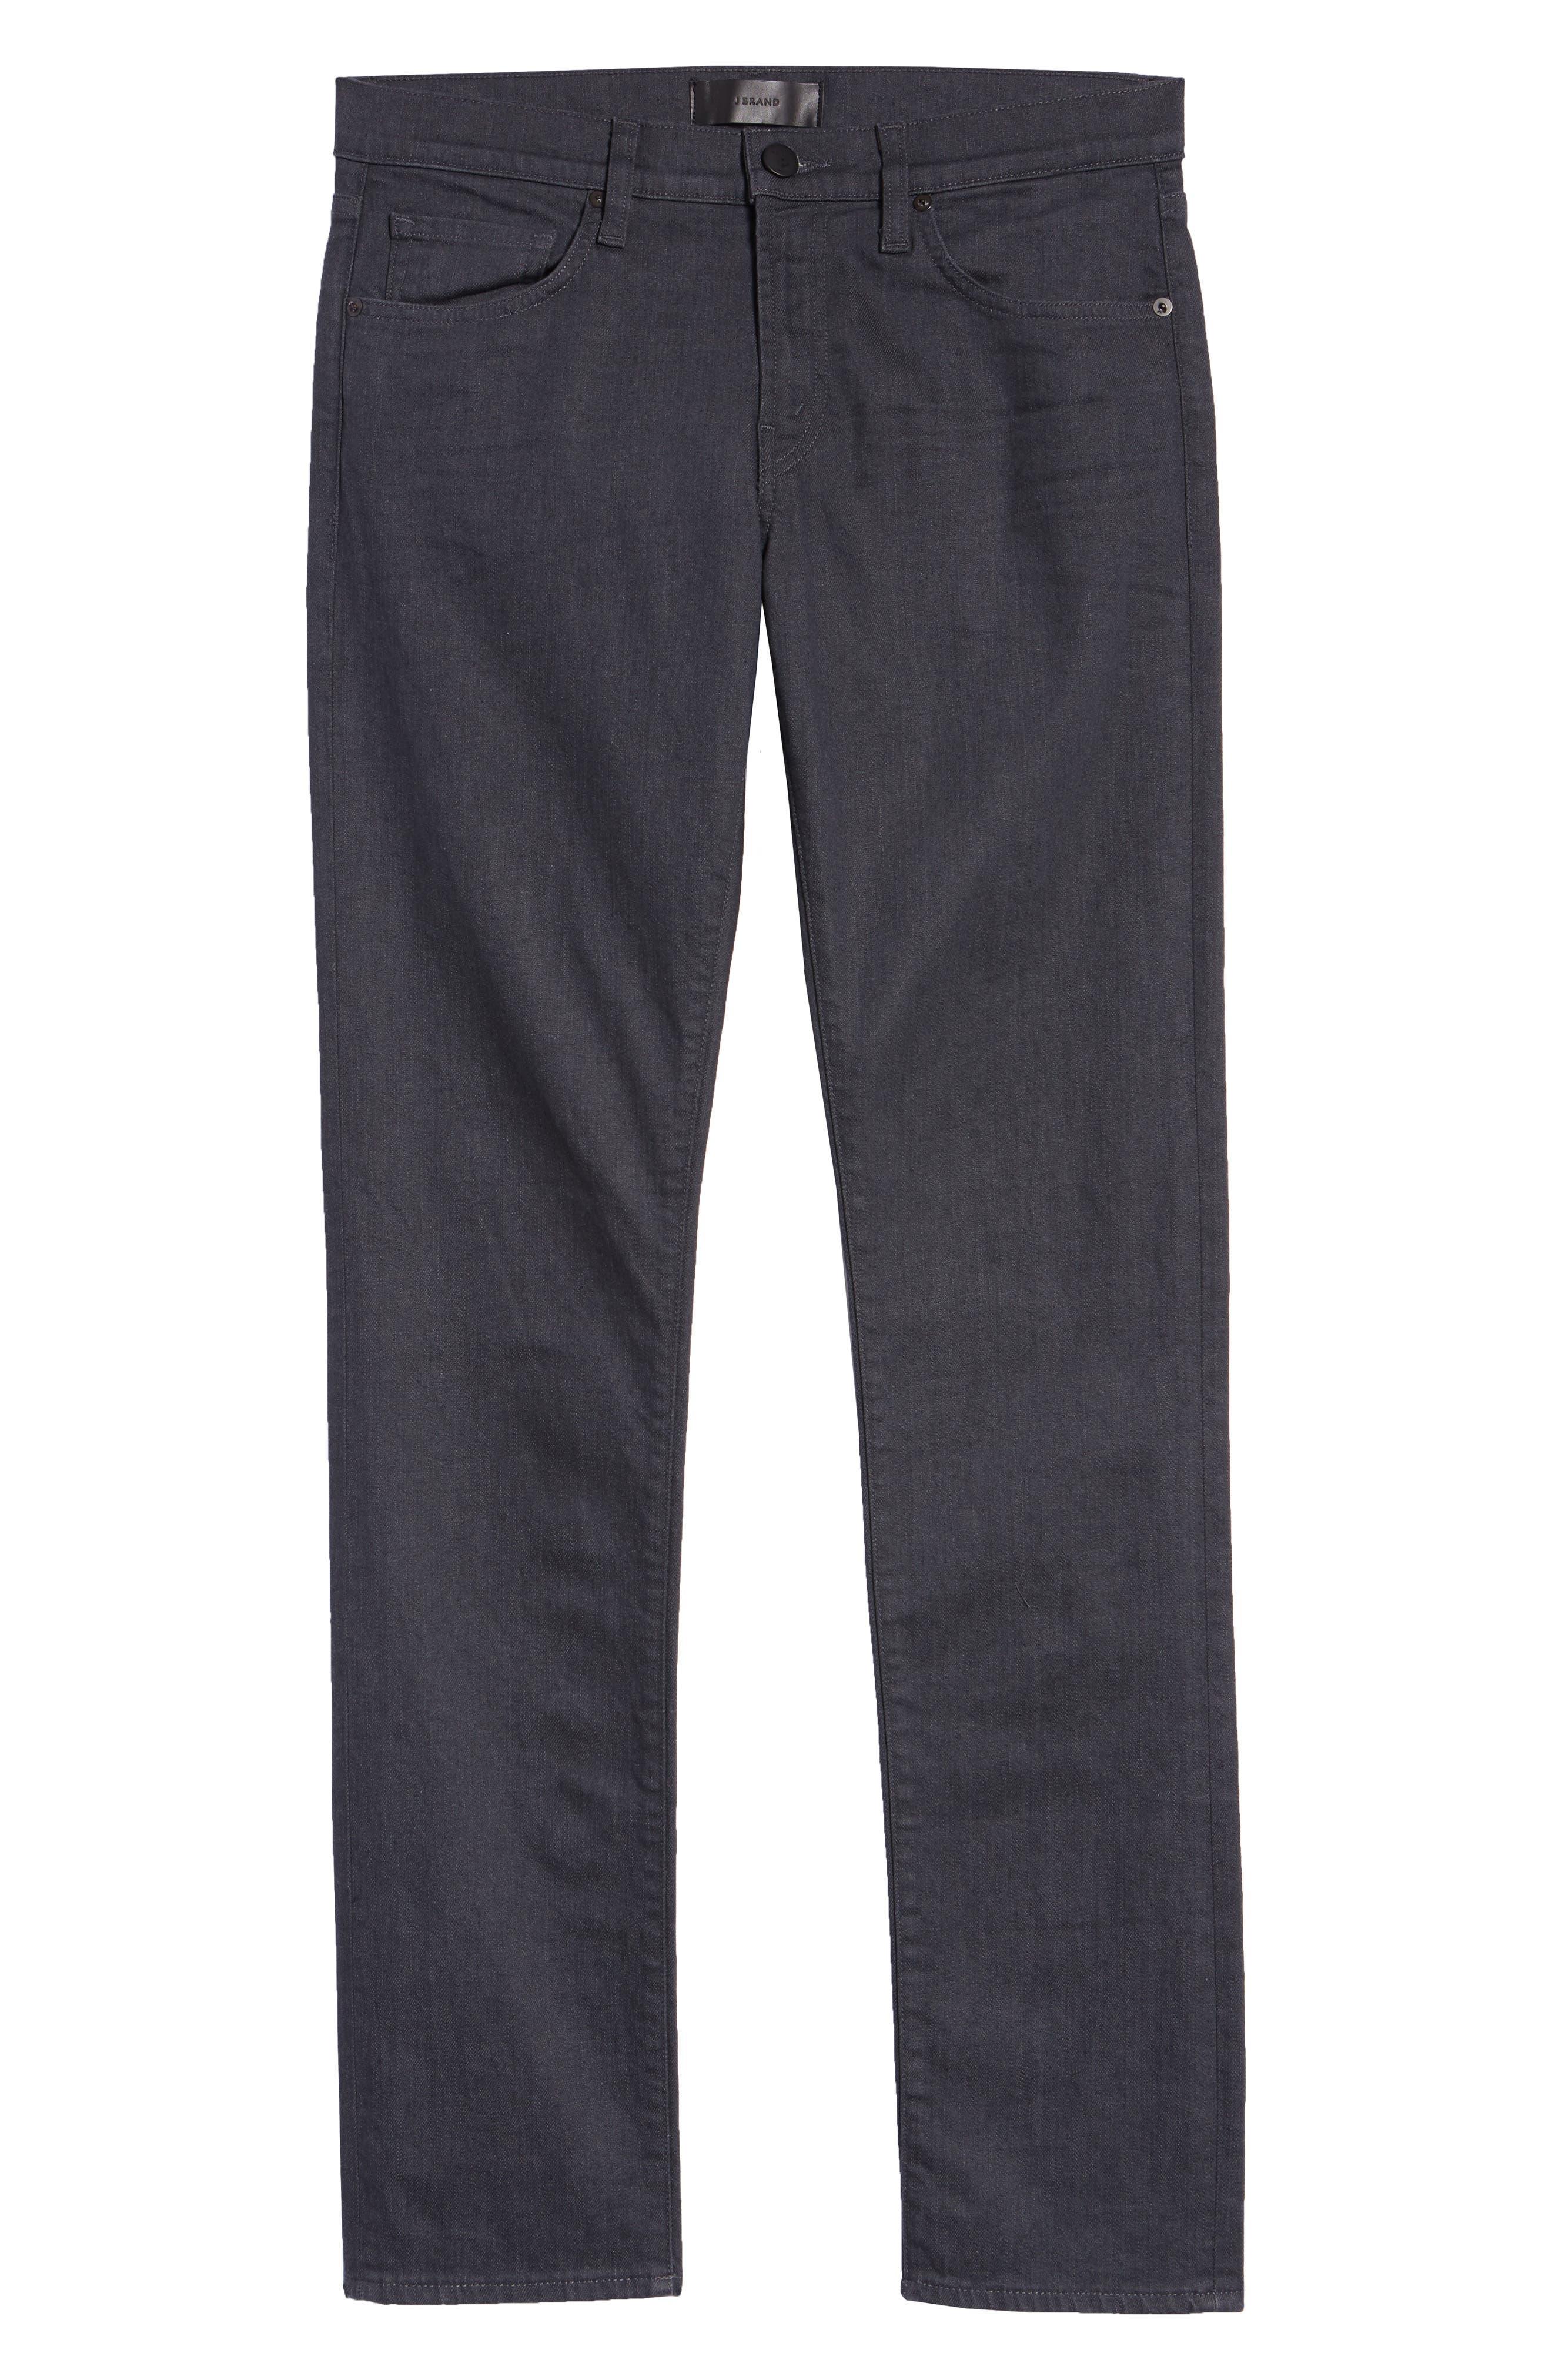 Tyler Slim Fit Jeans,                             Alternate thumbnail 2, color,                             SLATE RESIN